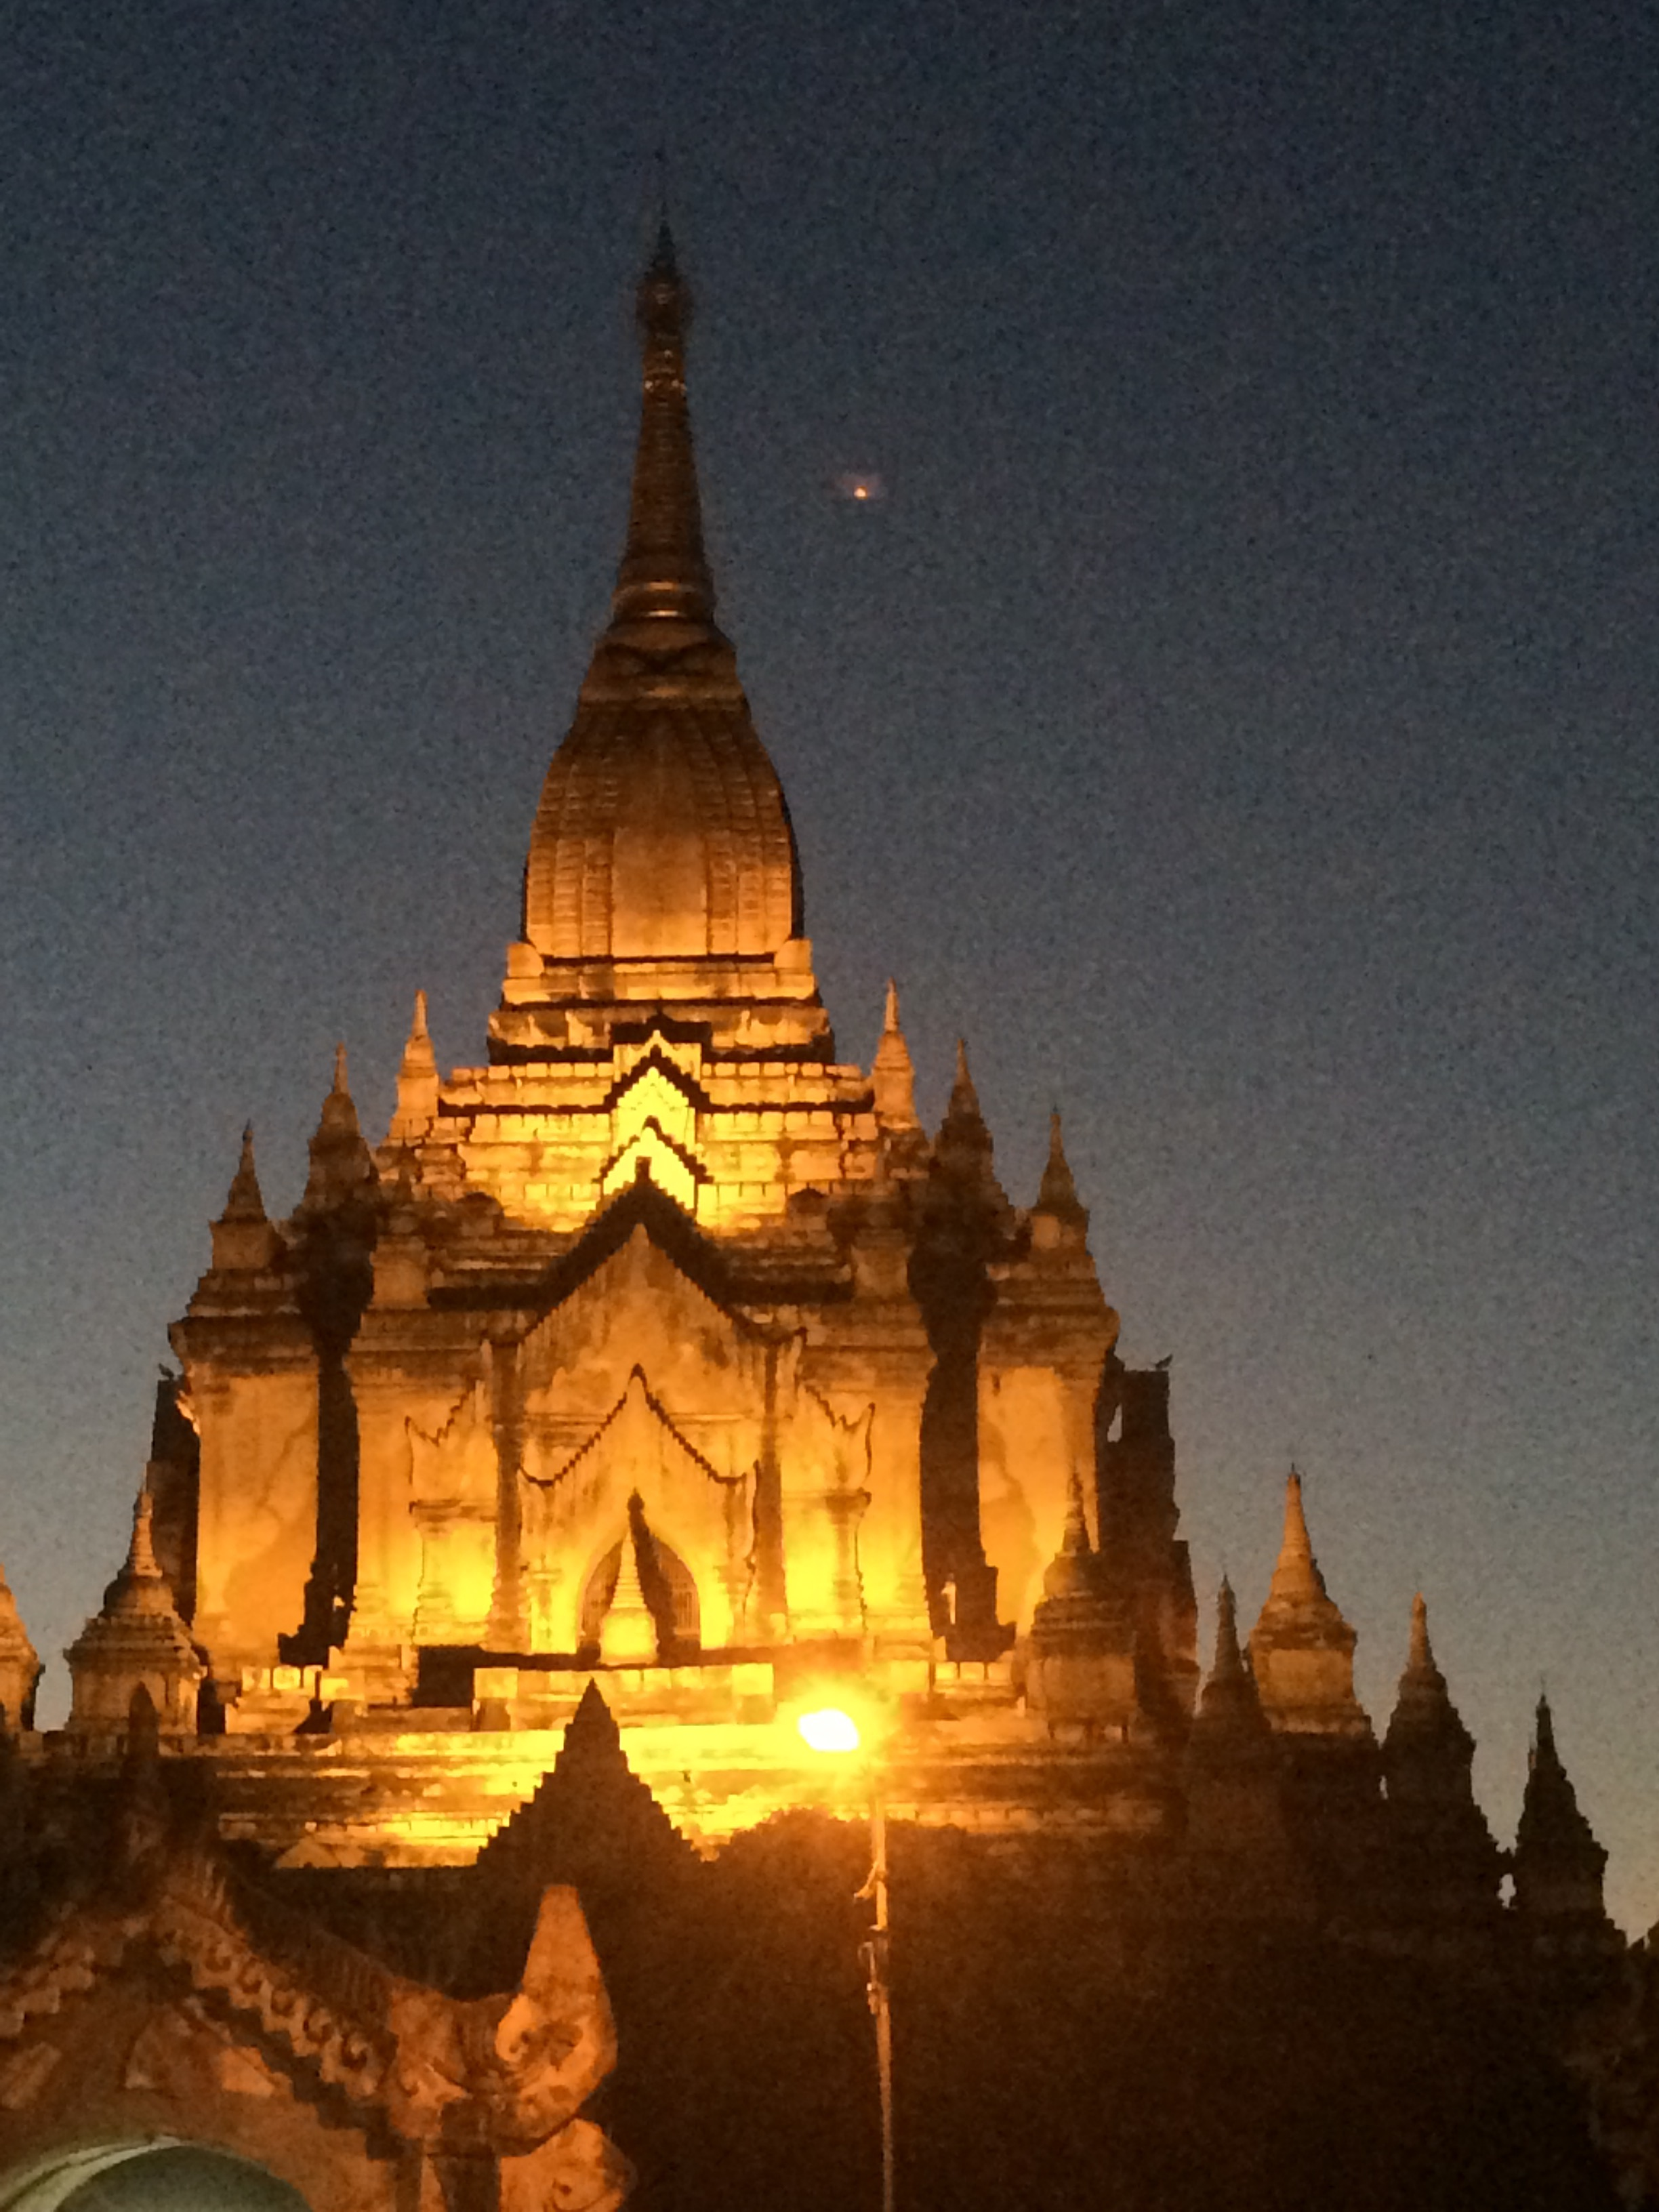 templo bagan myanmar